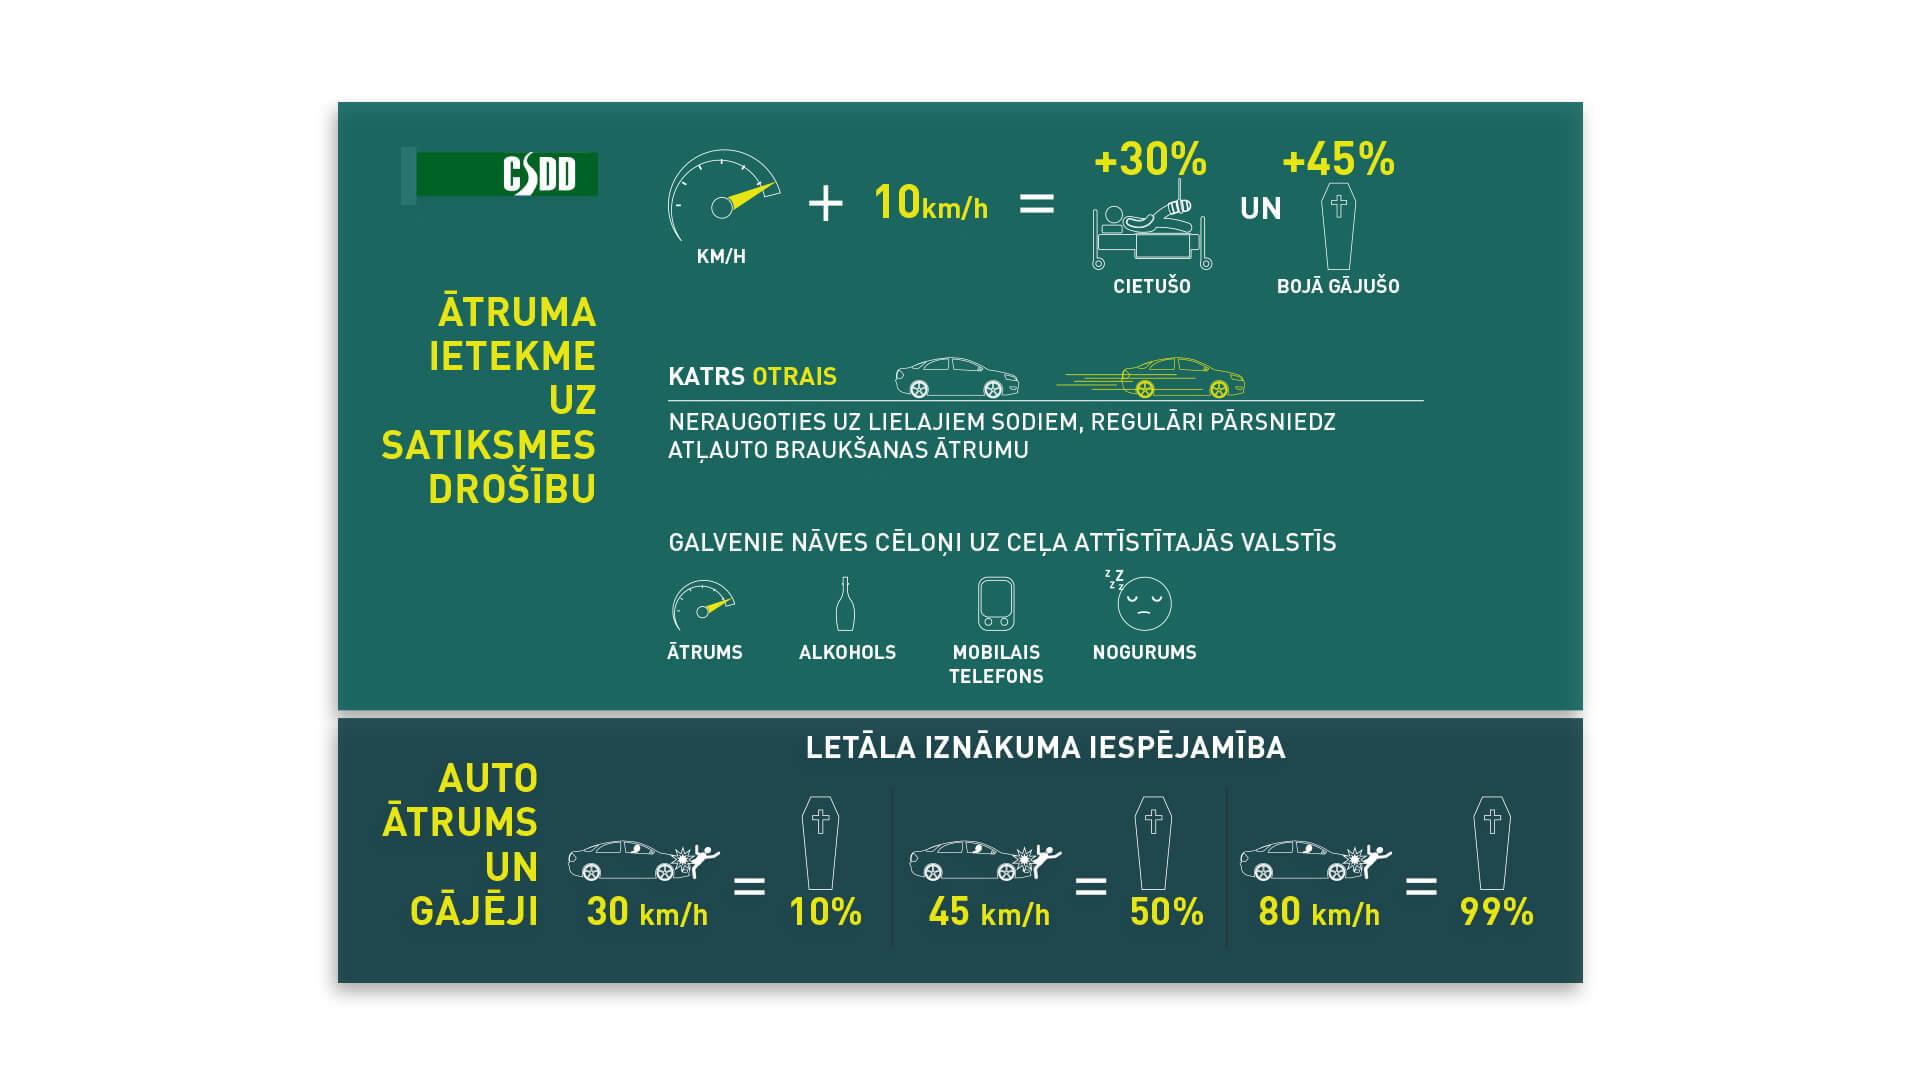 CSDD_infografika_atrums_viz_1920x1080